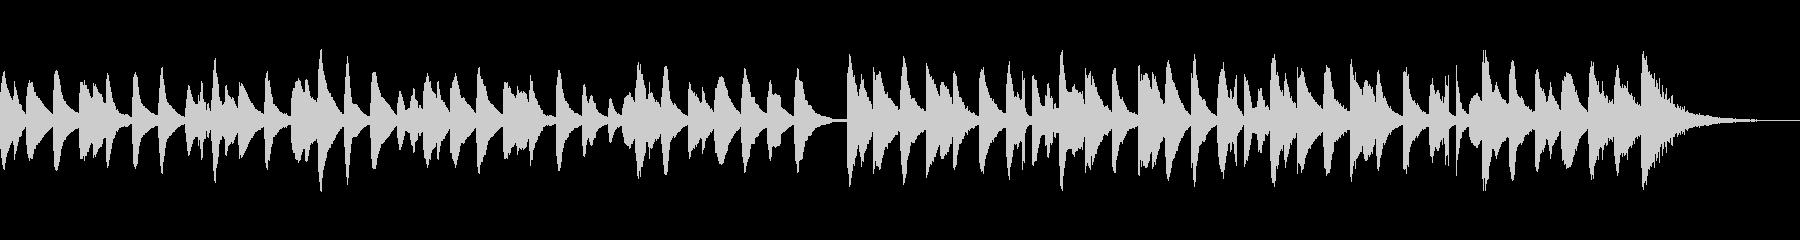 ほのぼのかわいい楽しいキラキラマリンバcの未再生の波形